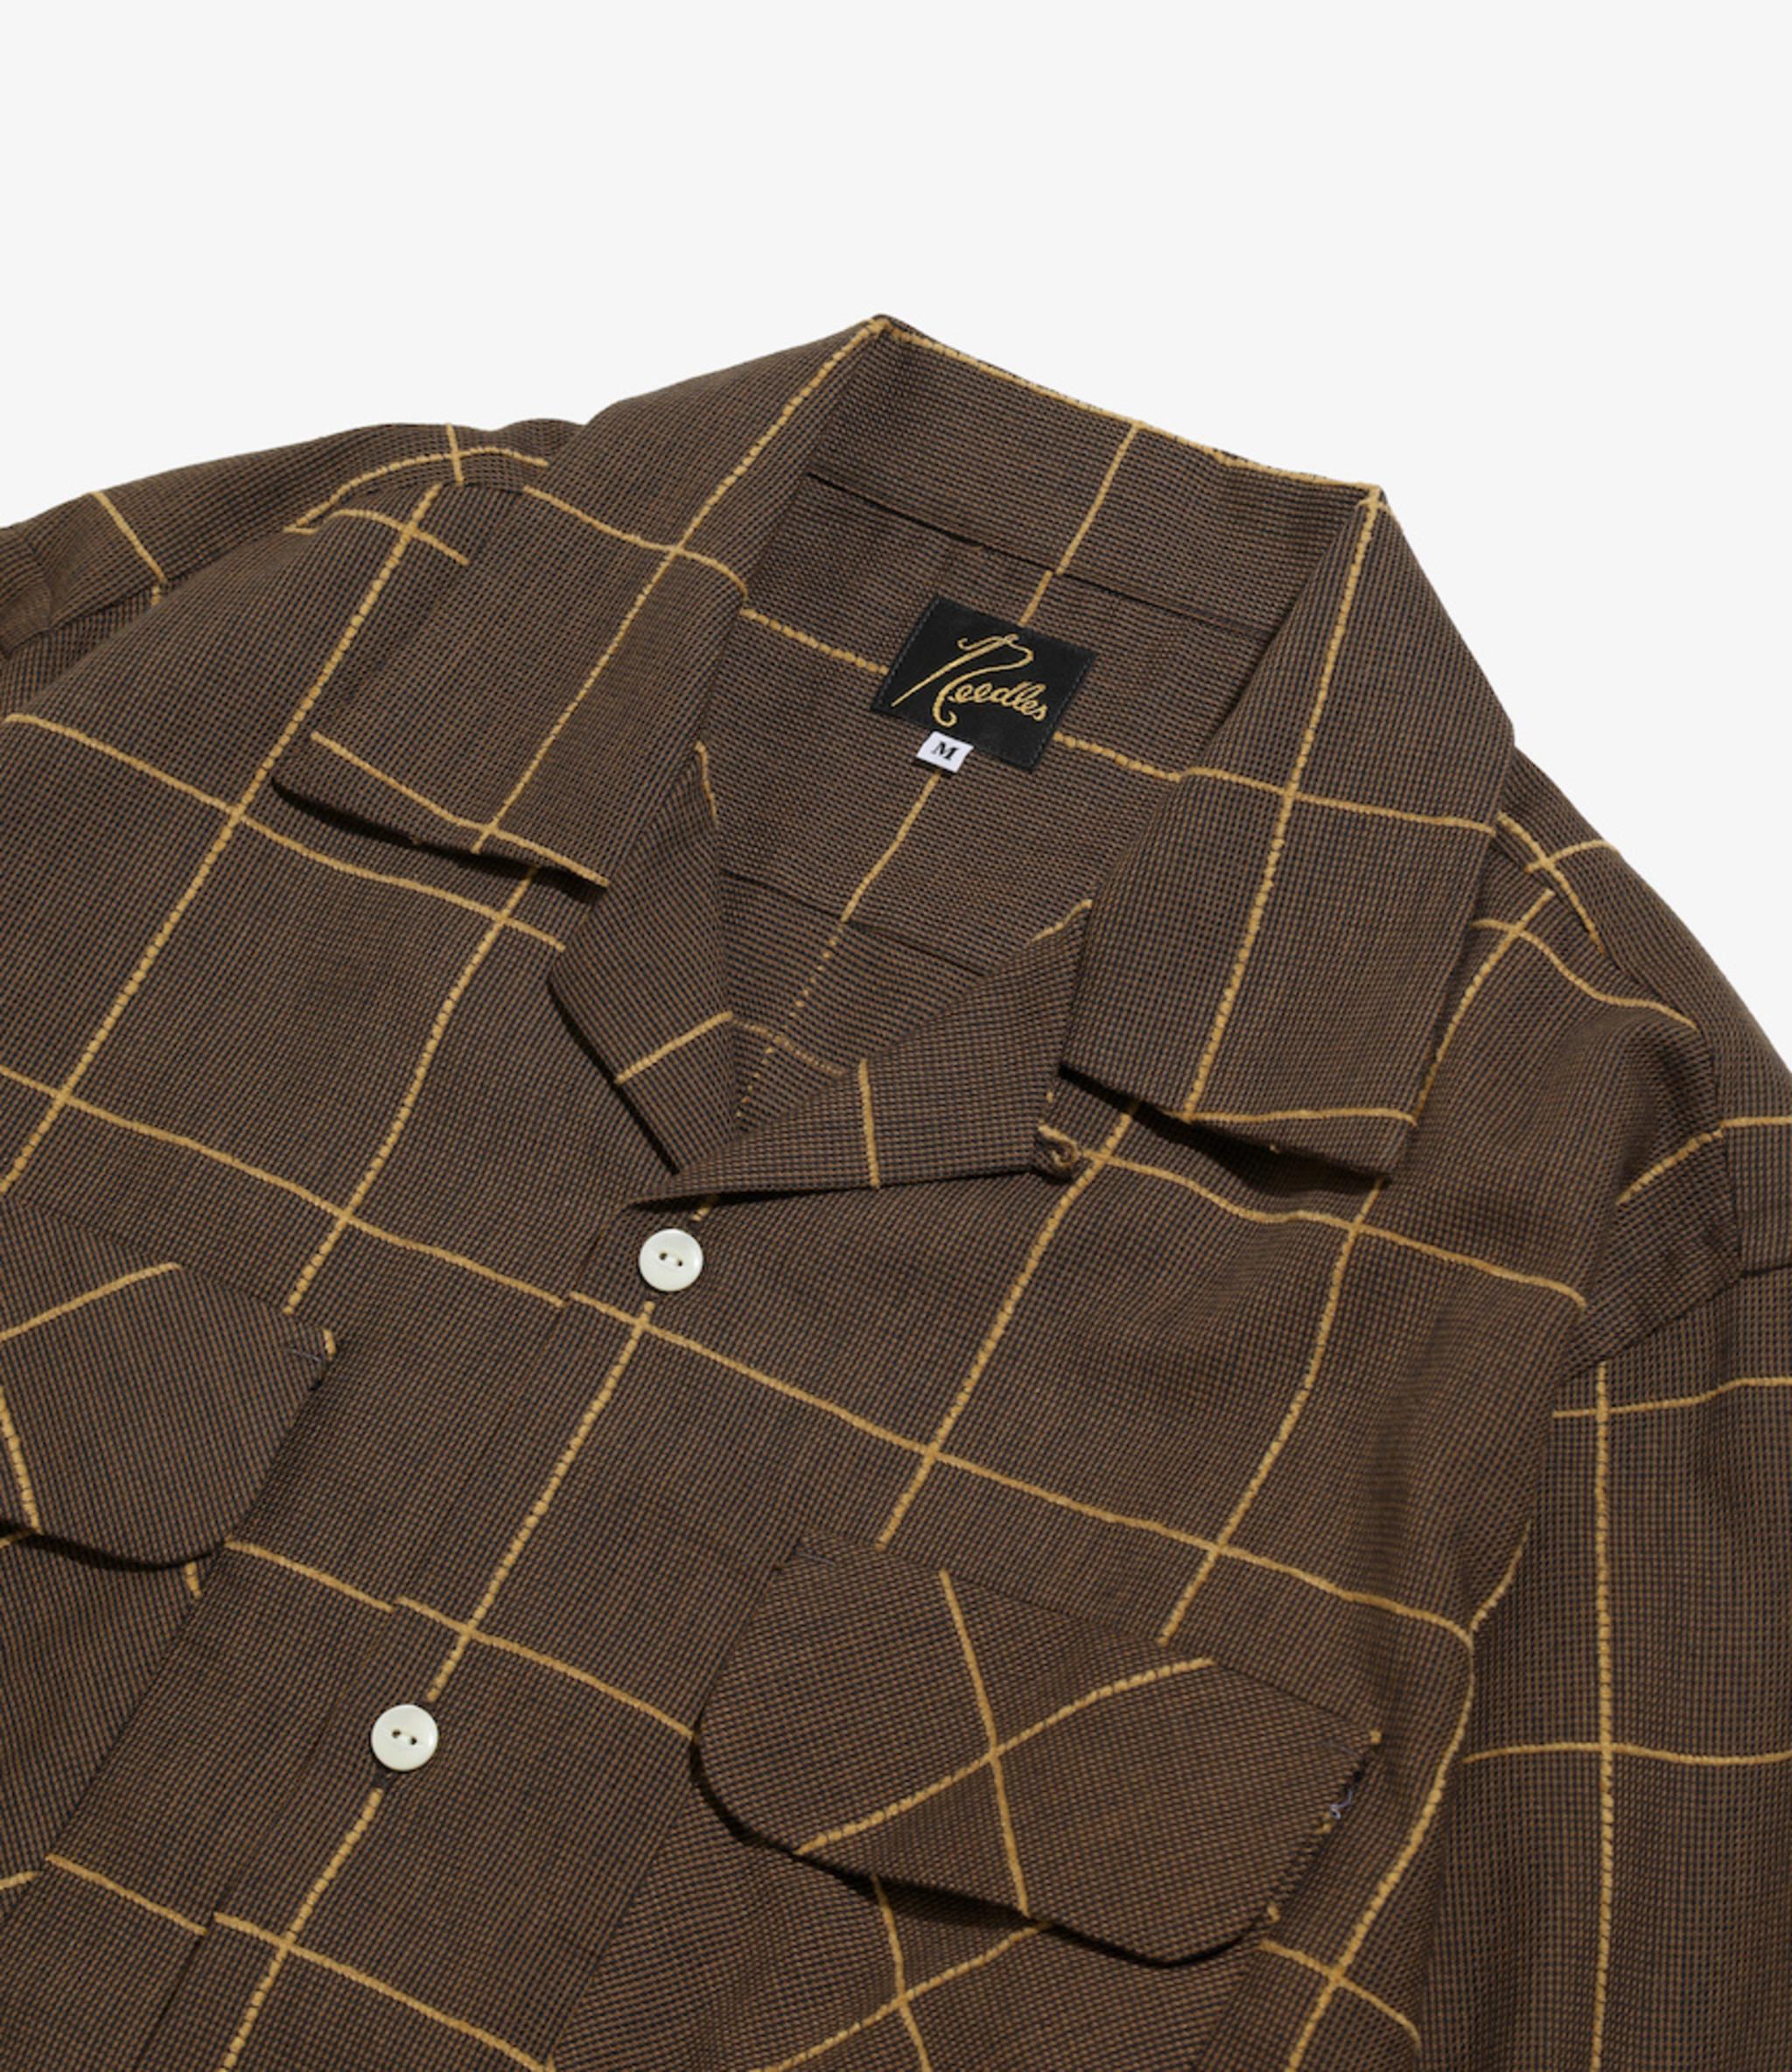 Needles C.O.B. Classic Shirt -C/Pe/R Plaid Twill - BRN